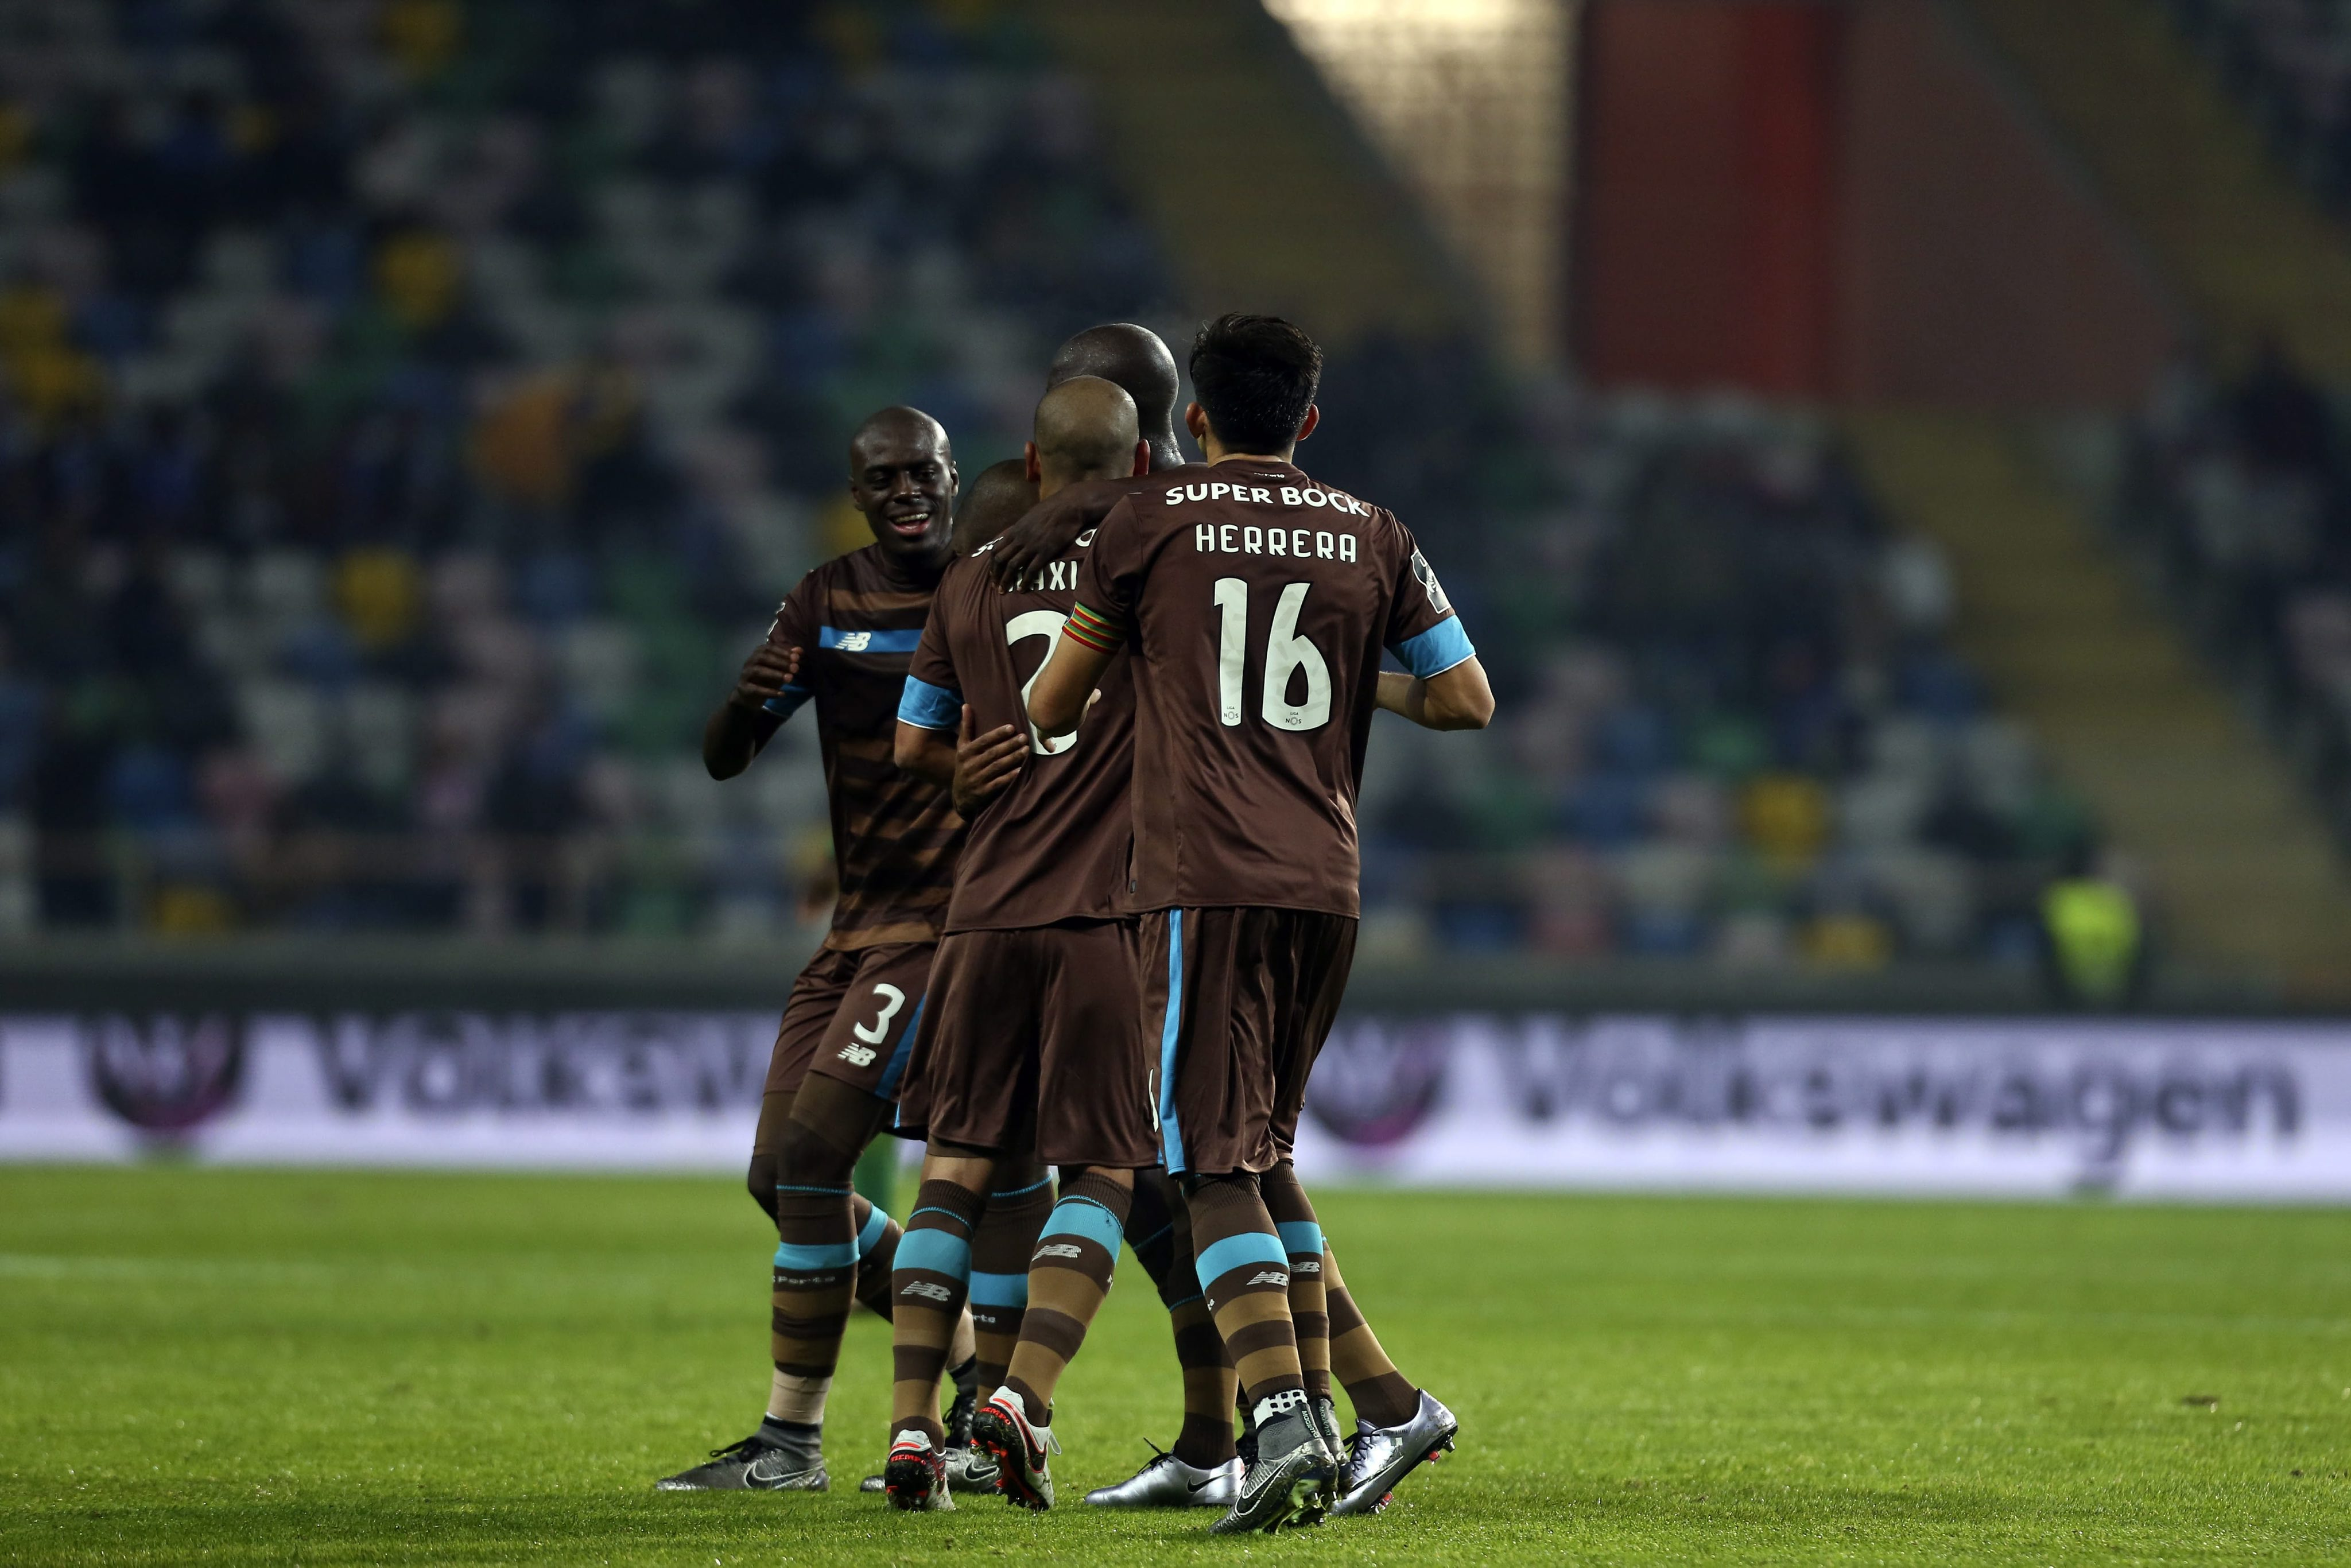 fb1f9fe204de3 O FC Porto venceu hoje em Aveiro o Tondela por 1-0